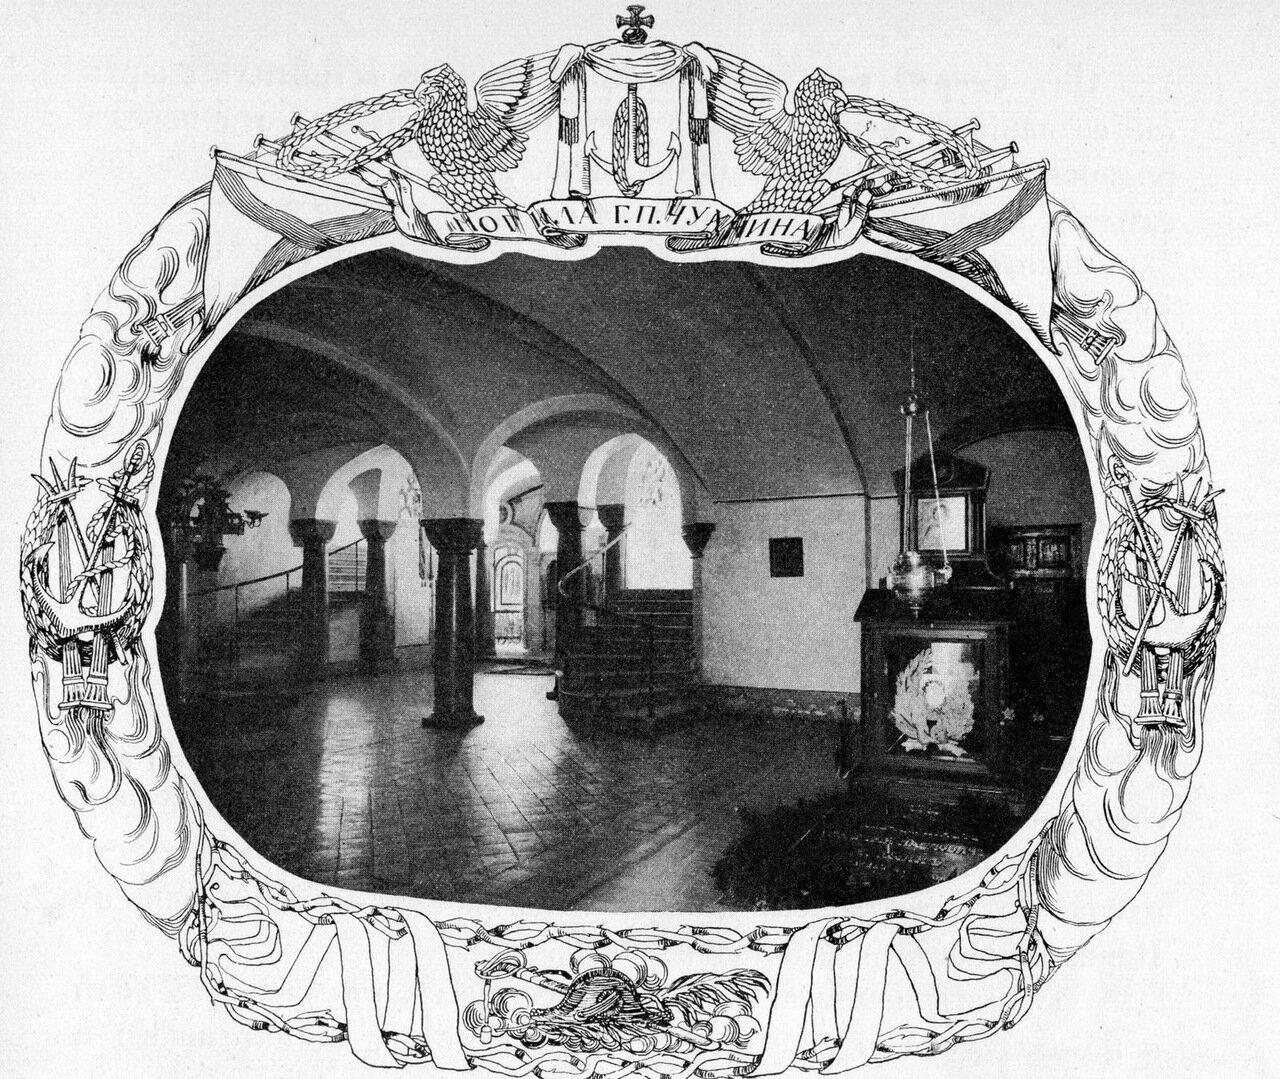 Нижний храм собора св.Владимира, где среди других адмиралов похоронен Г.П.Чухнин